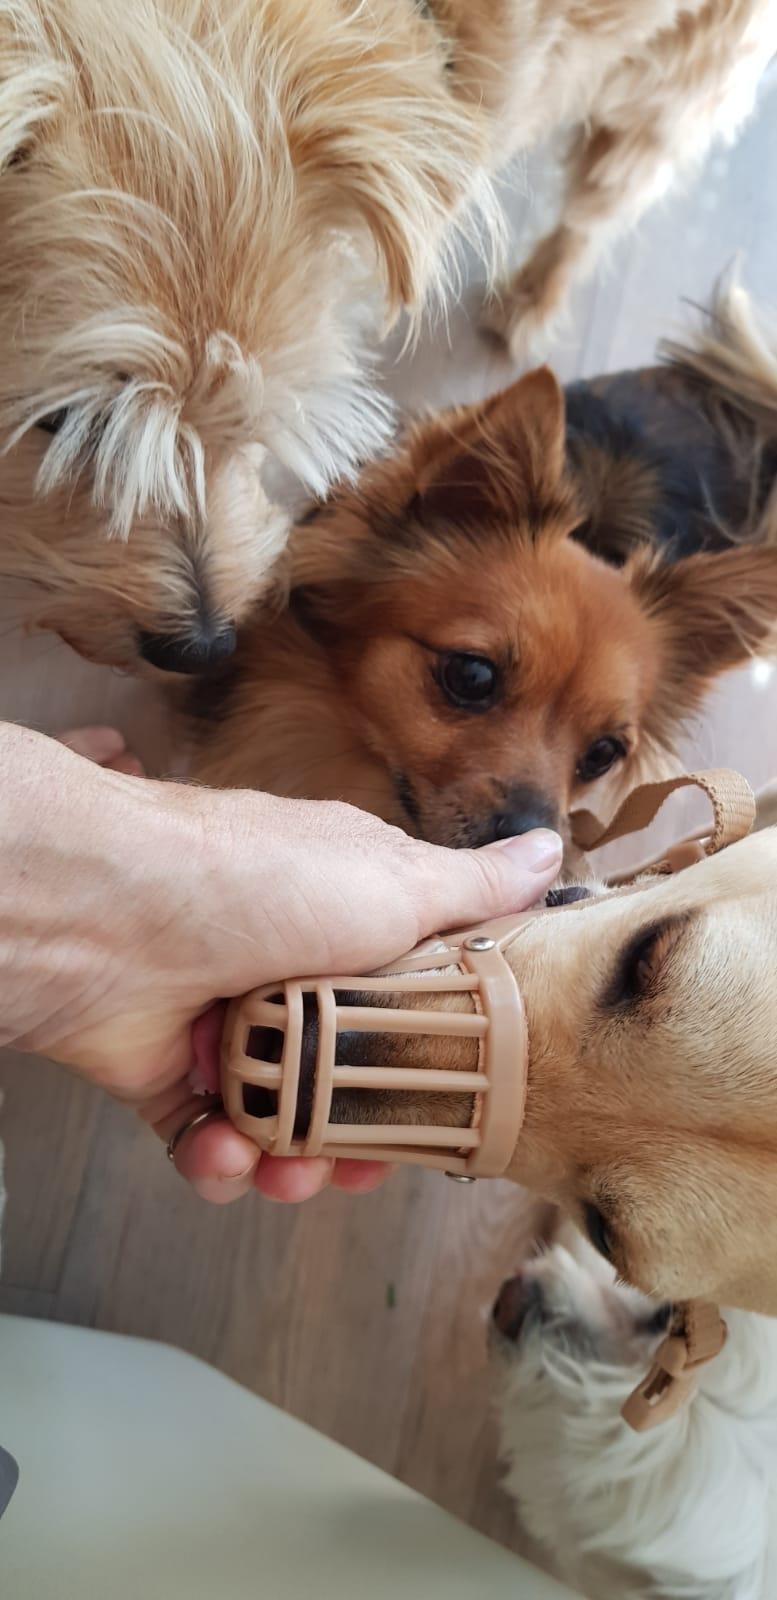 Bildertagebuch - Bimba wollte die Familie nicht mehr.... und landete bei Tierschutzkollegen in Mailand 36110937oe